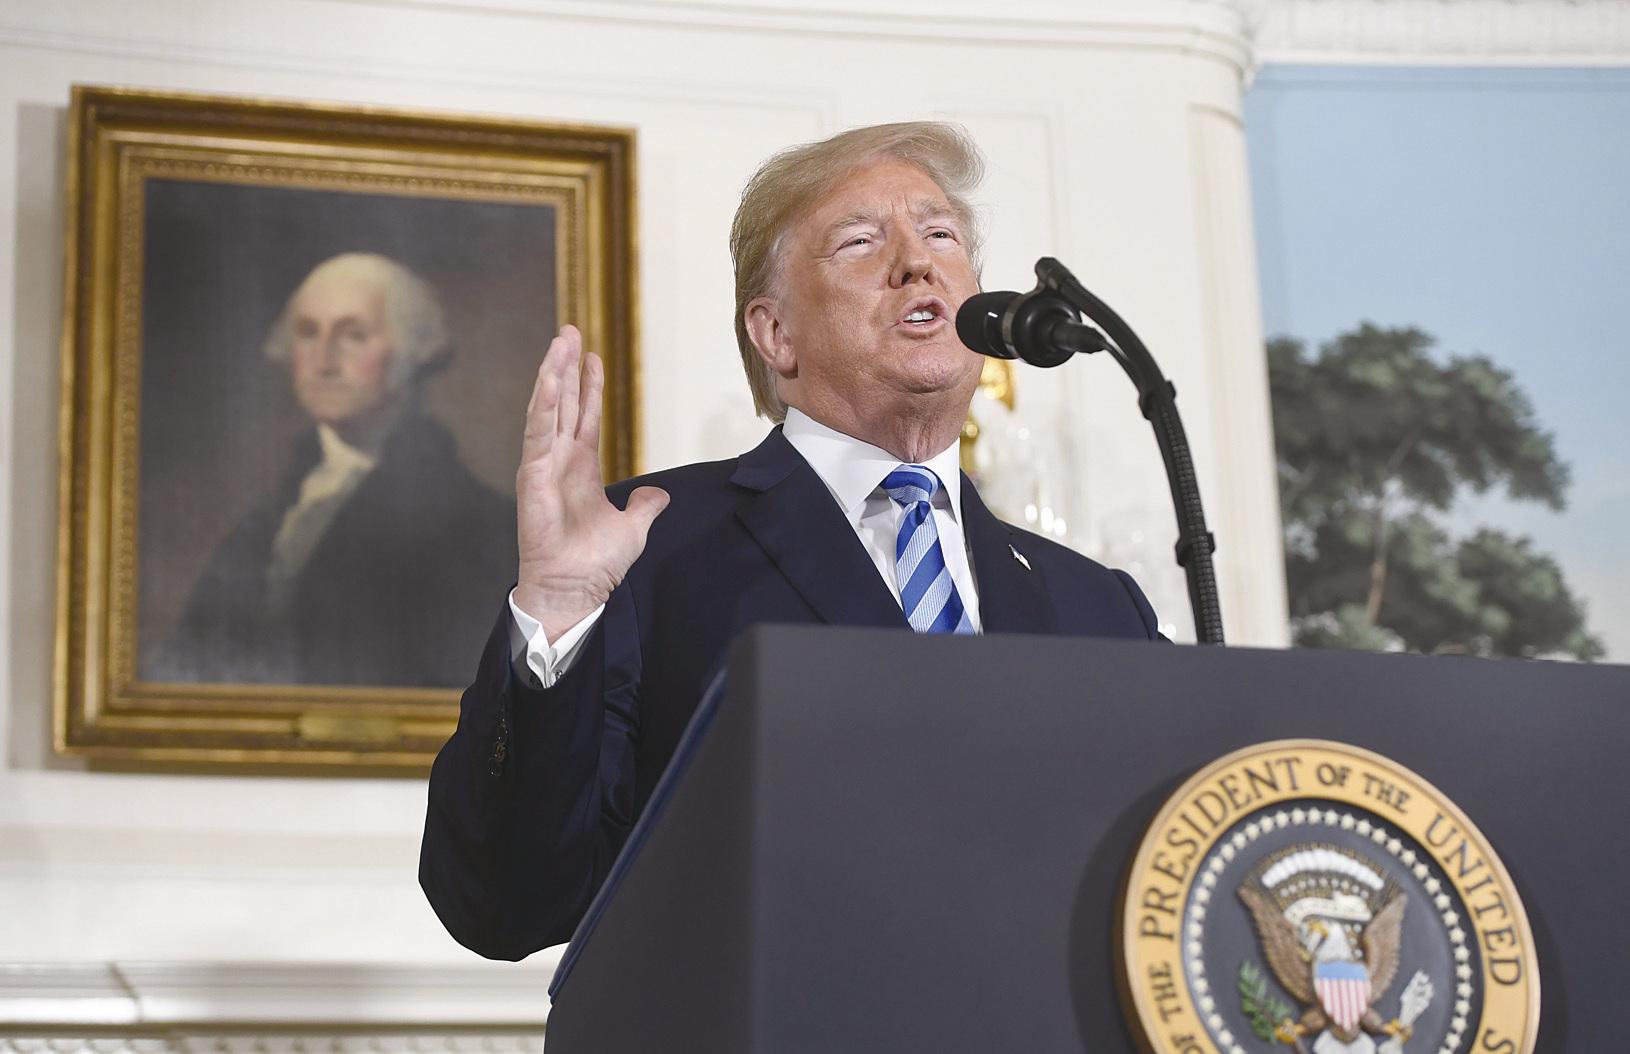 美國總統特朗普周二(5月8日)在白宮宣佈,美國將退出有關伊朗核計劃的國際協議,並重啟對伊朗的制裁。(SAUL LOEB/AFP)